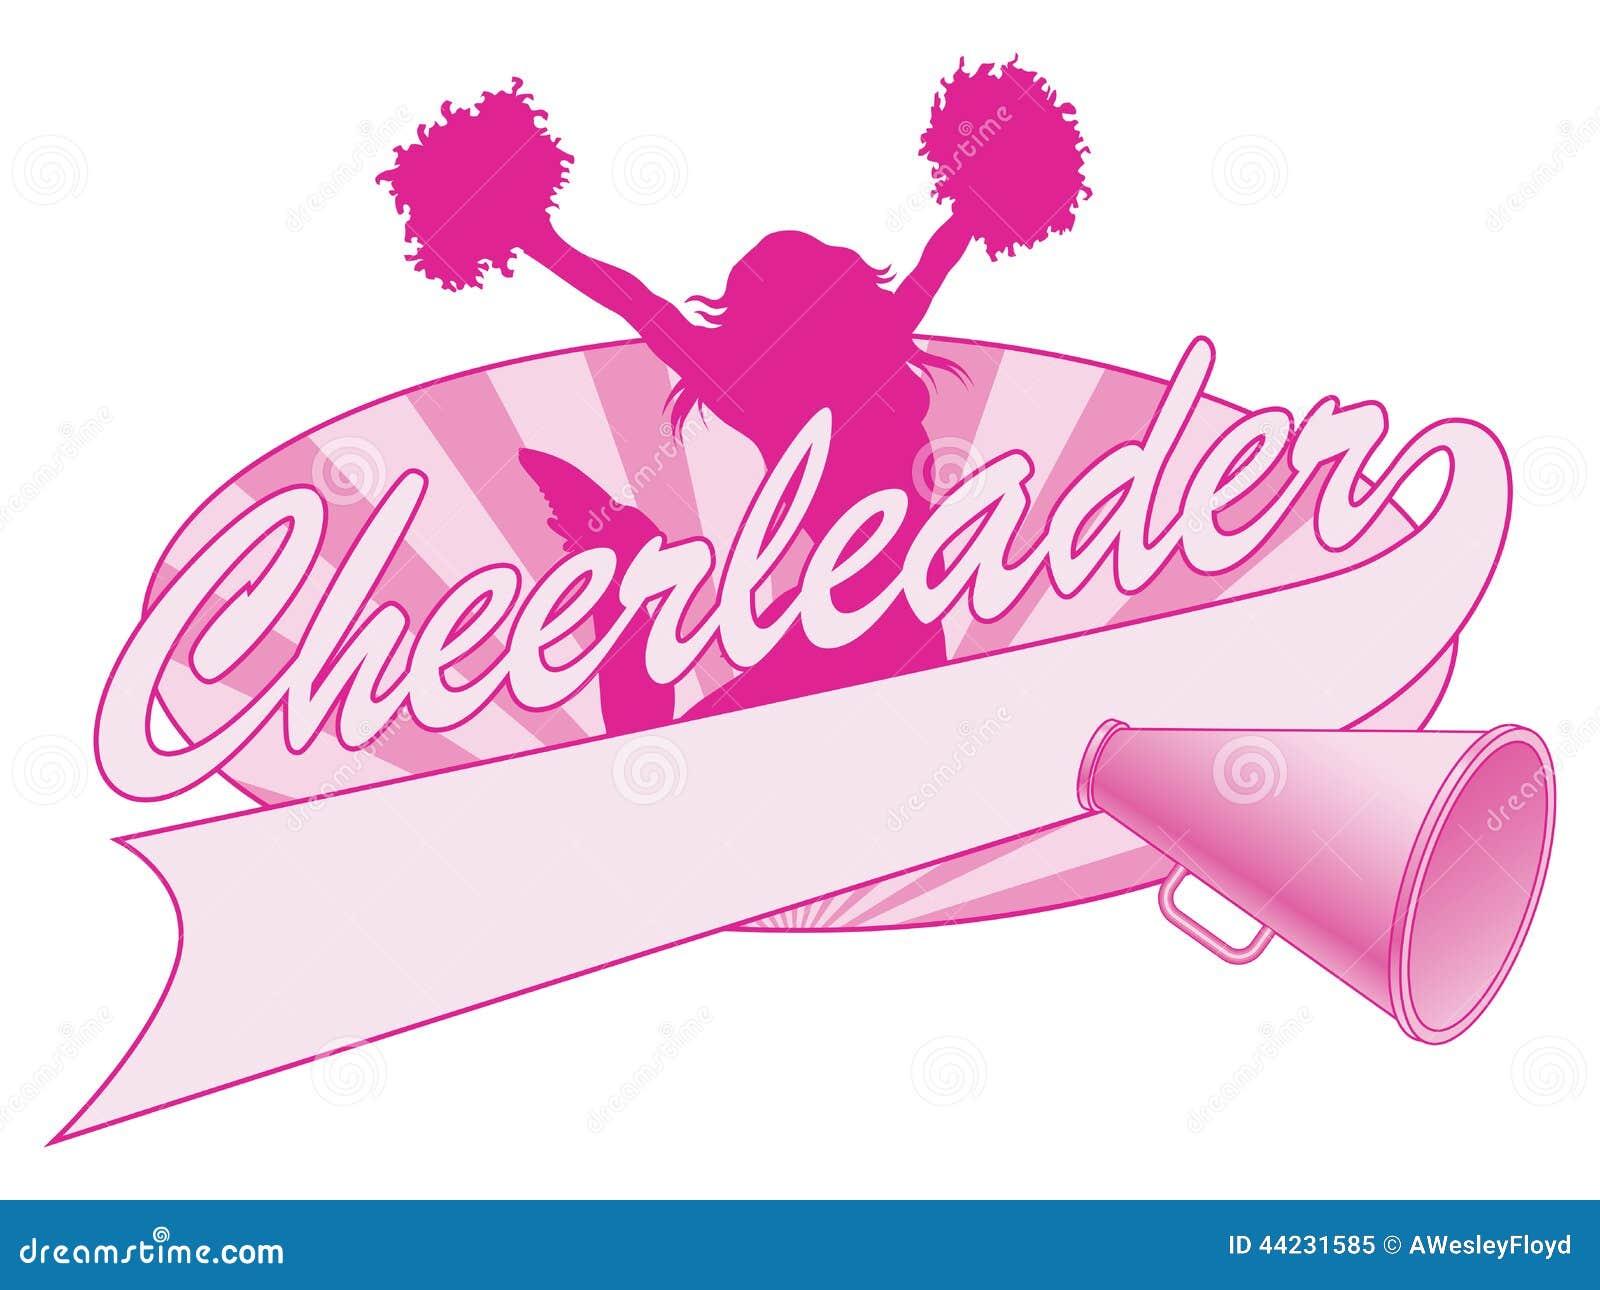 Cheerleading Website Design